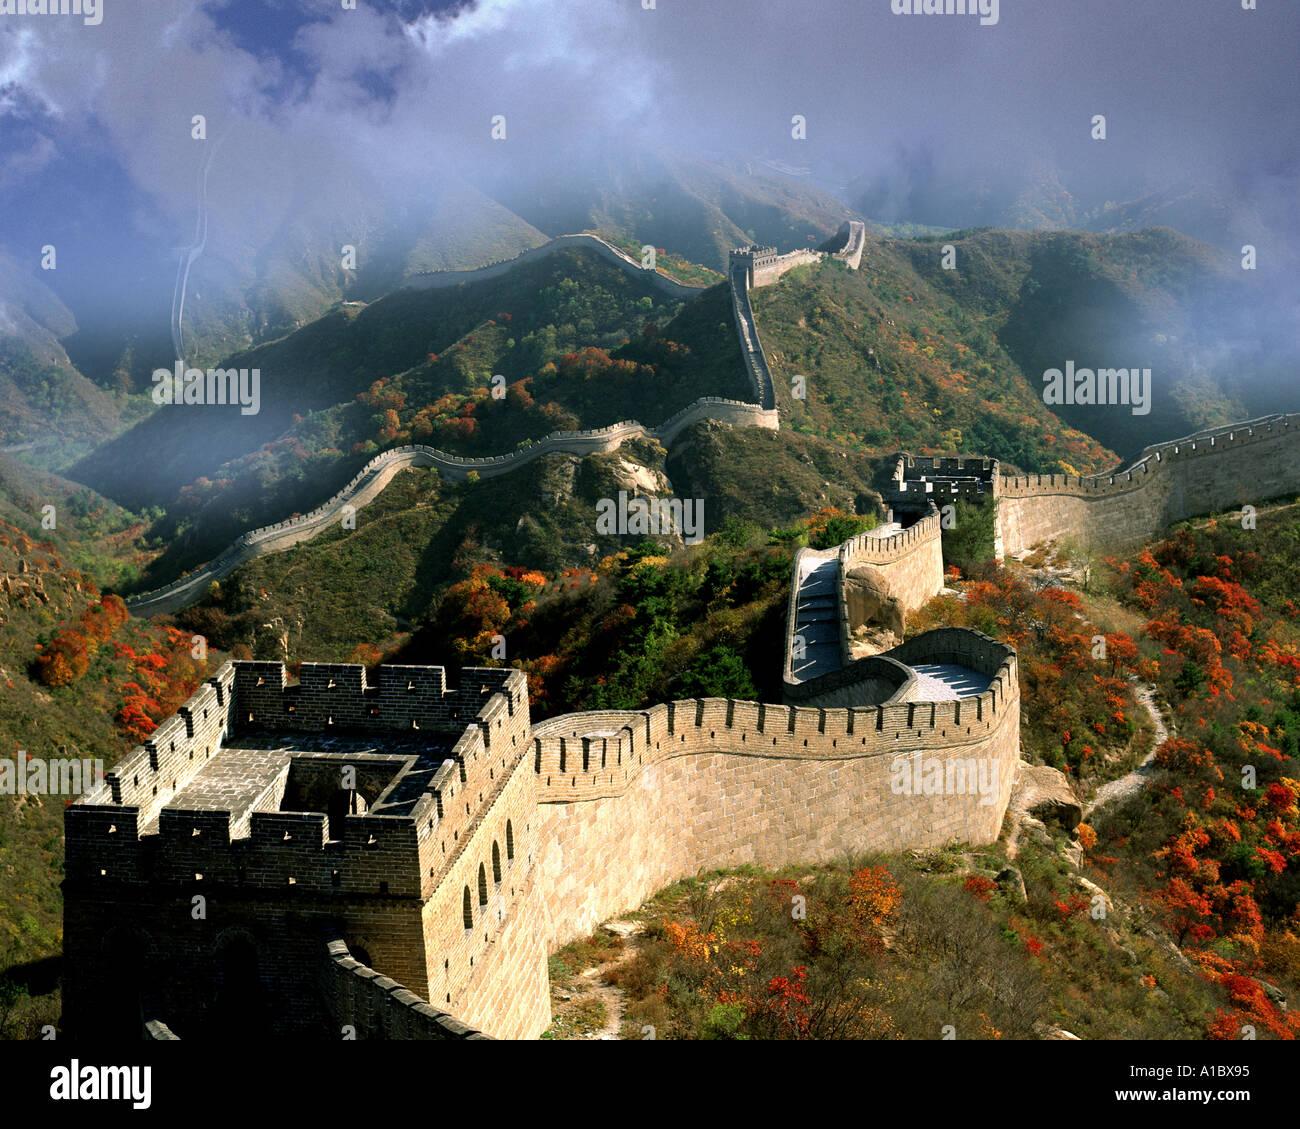 CN - LE NORD DE LA CHINE: La Grande Muraille Photo Stock